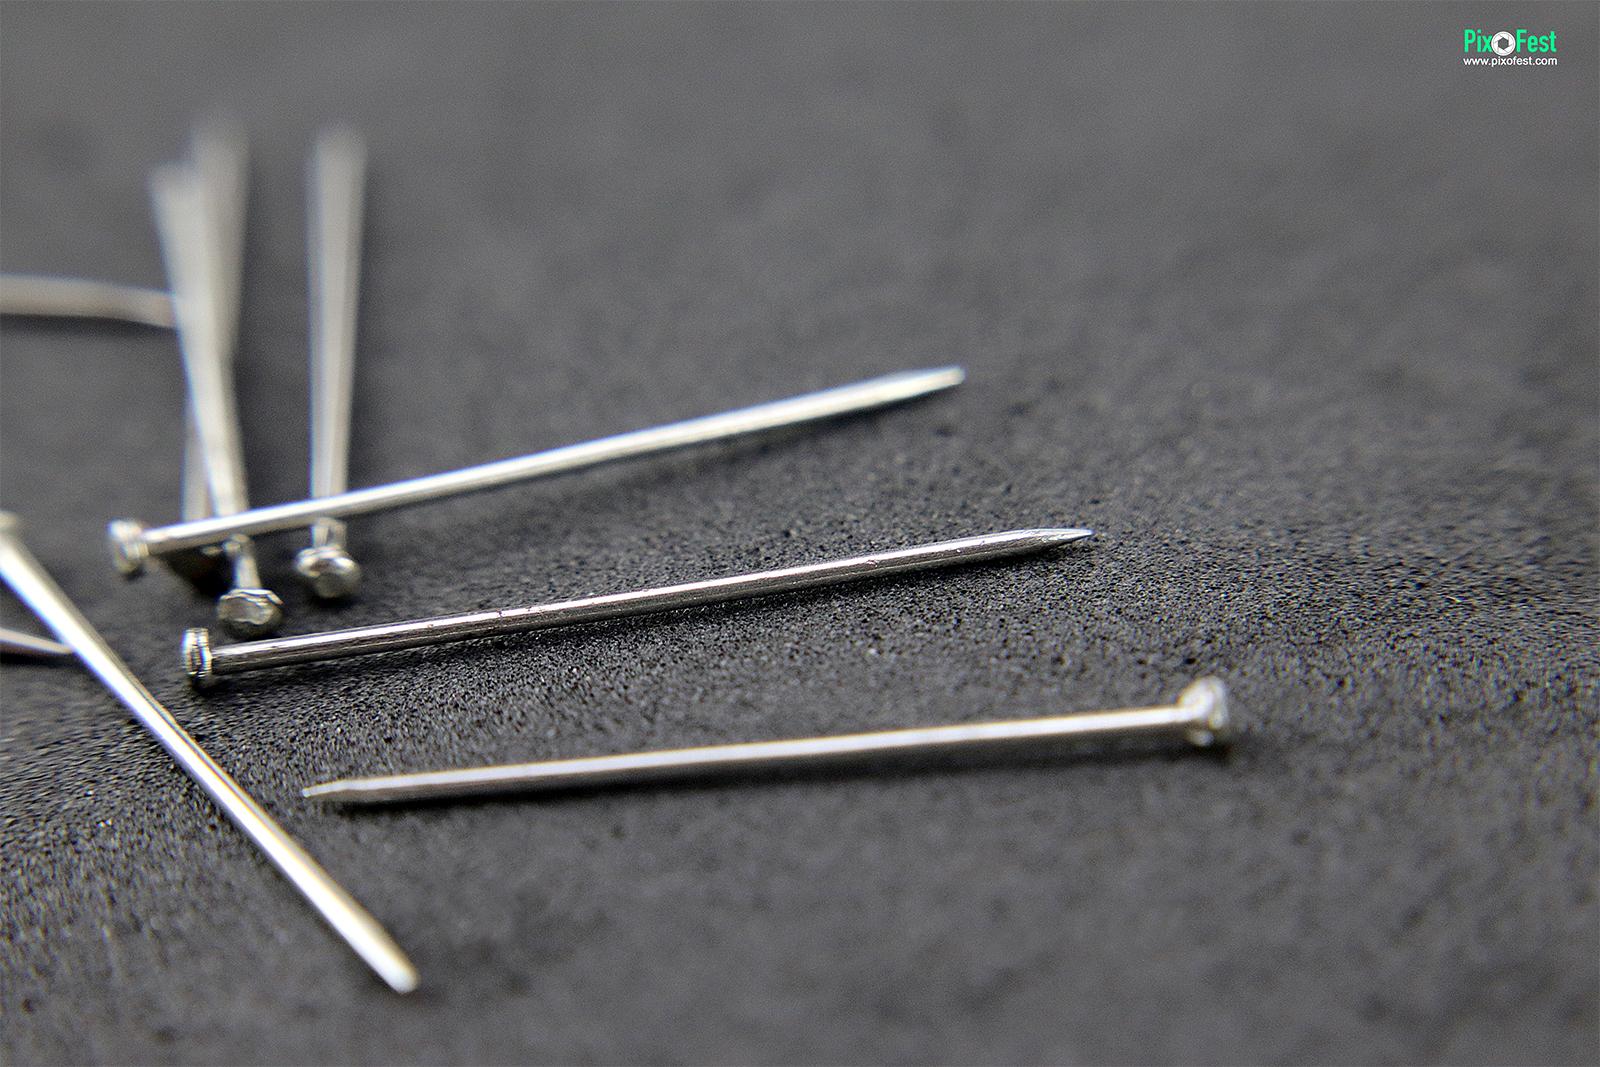 Pin_03, Pin, safety pin, Bunch of pin